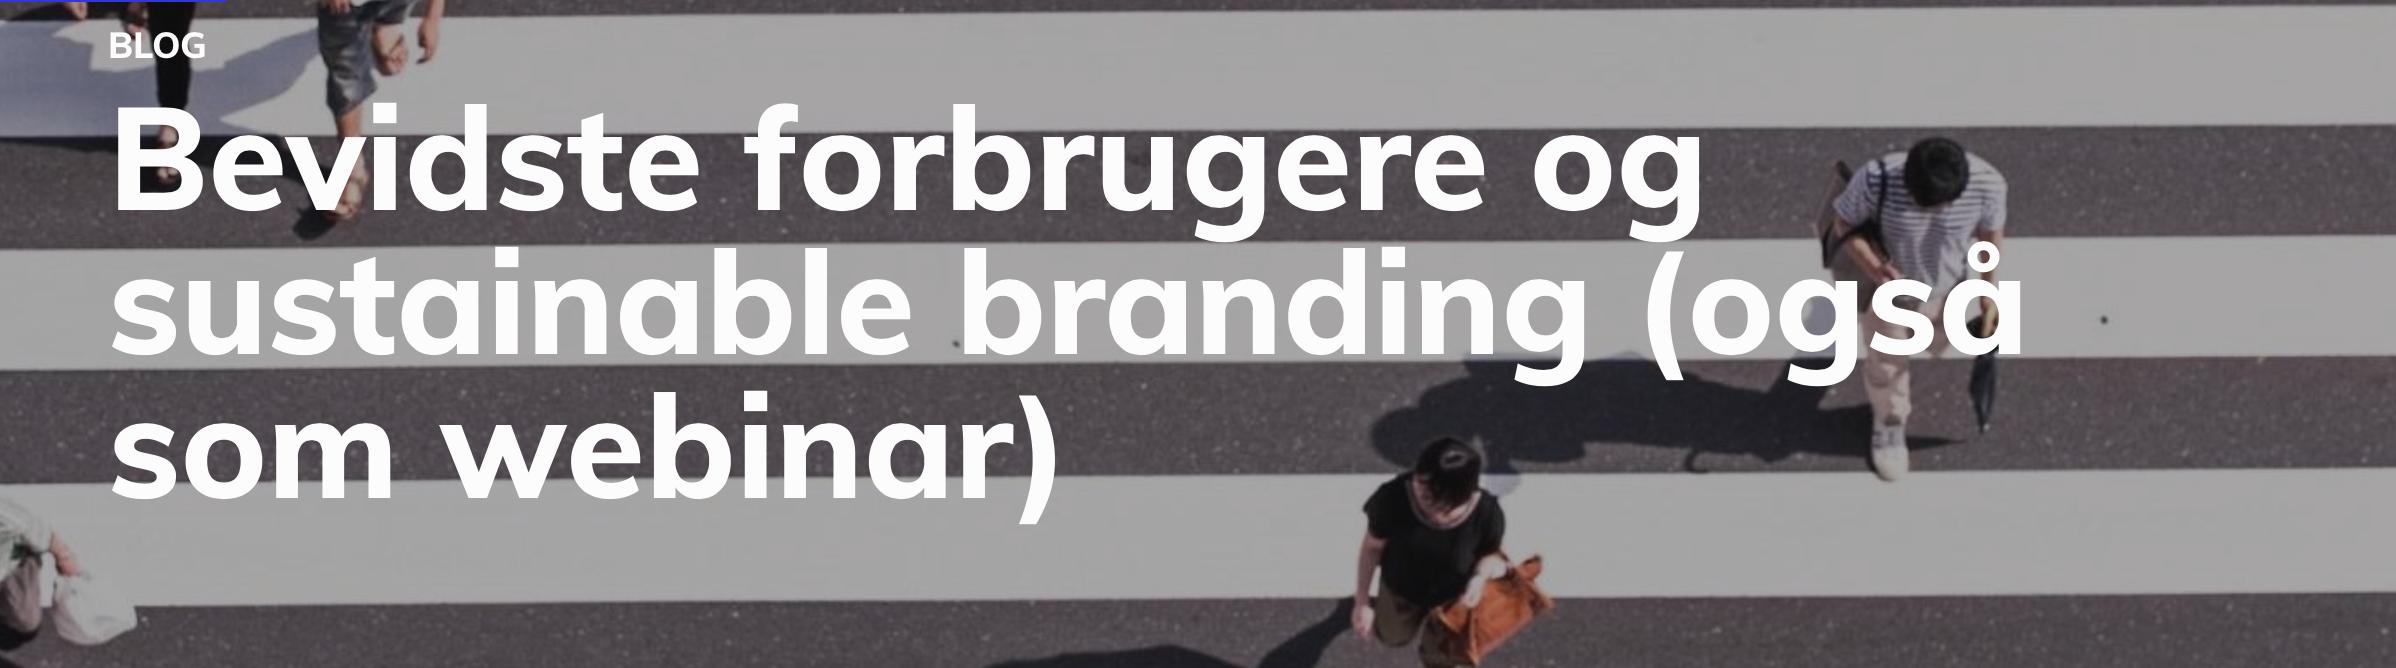 Bevidste Forbrugere og sustainable branding